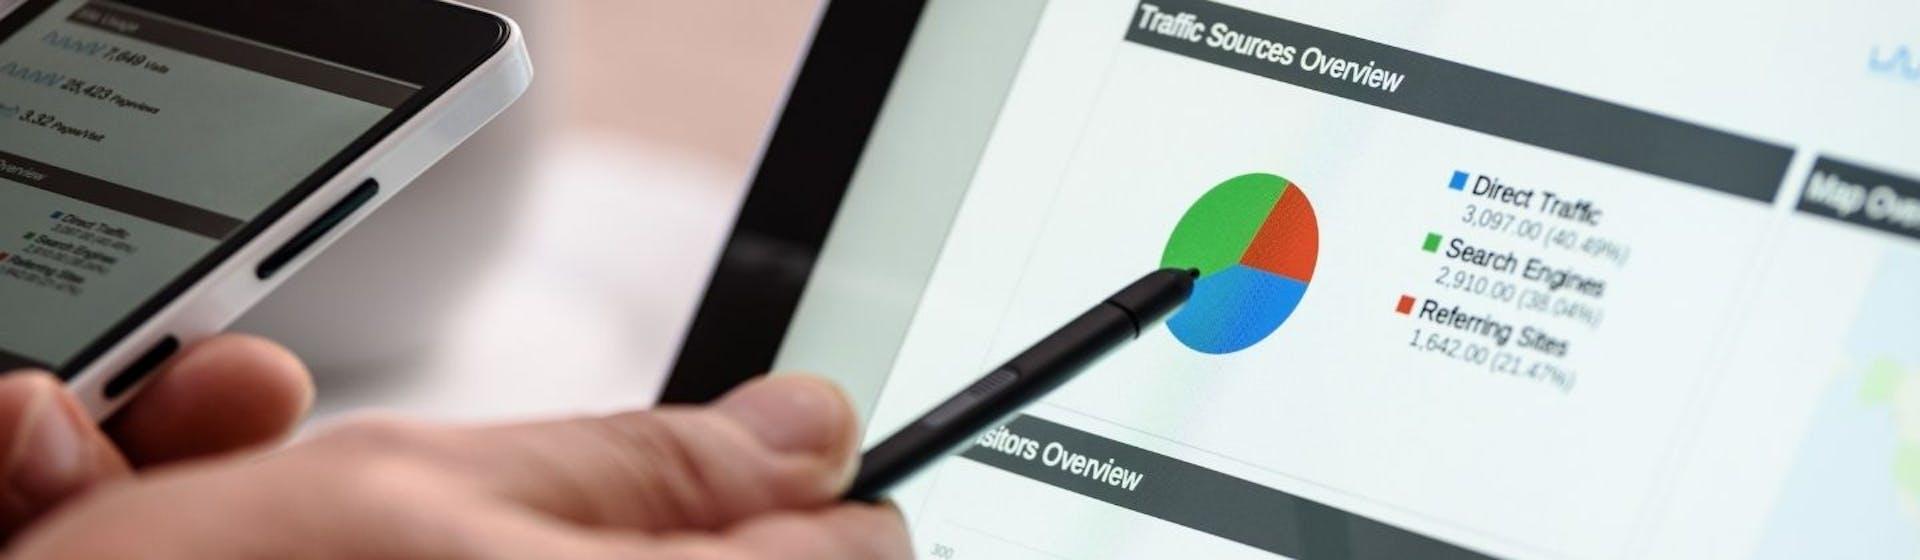 ¿Qué es un indicador? ¡Mide los impactos de tus campañas de marketing digital!